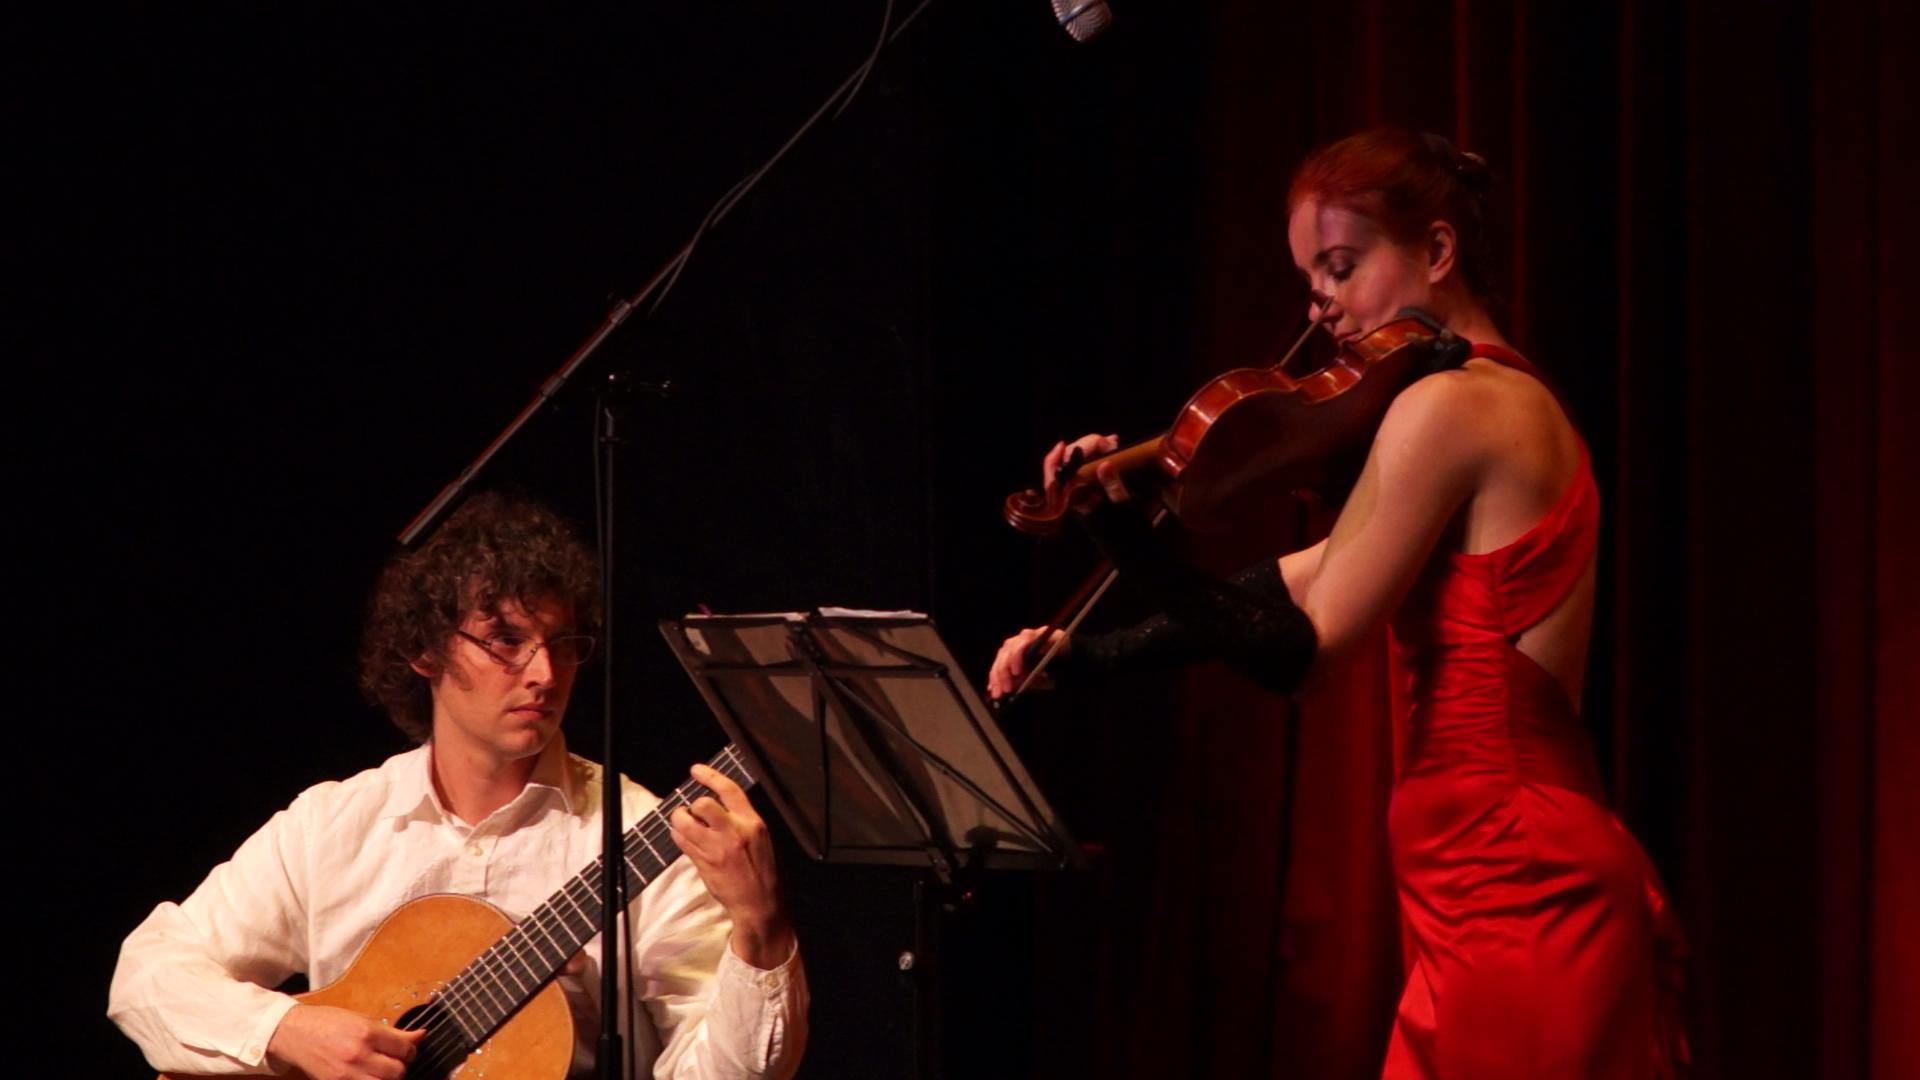 Concert_photo1